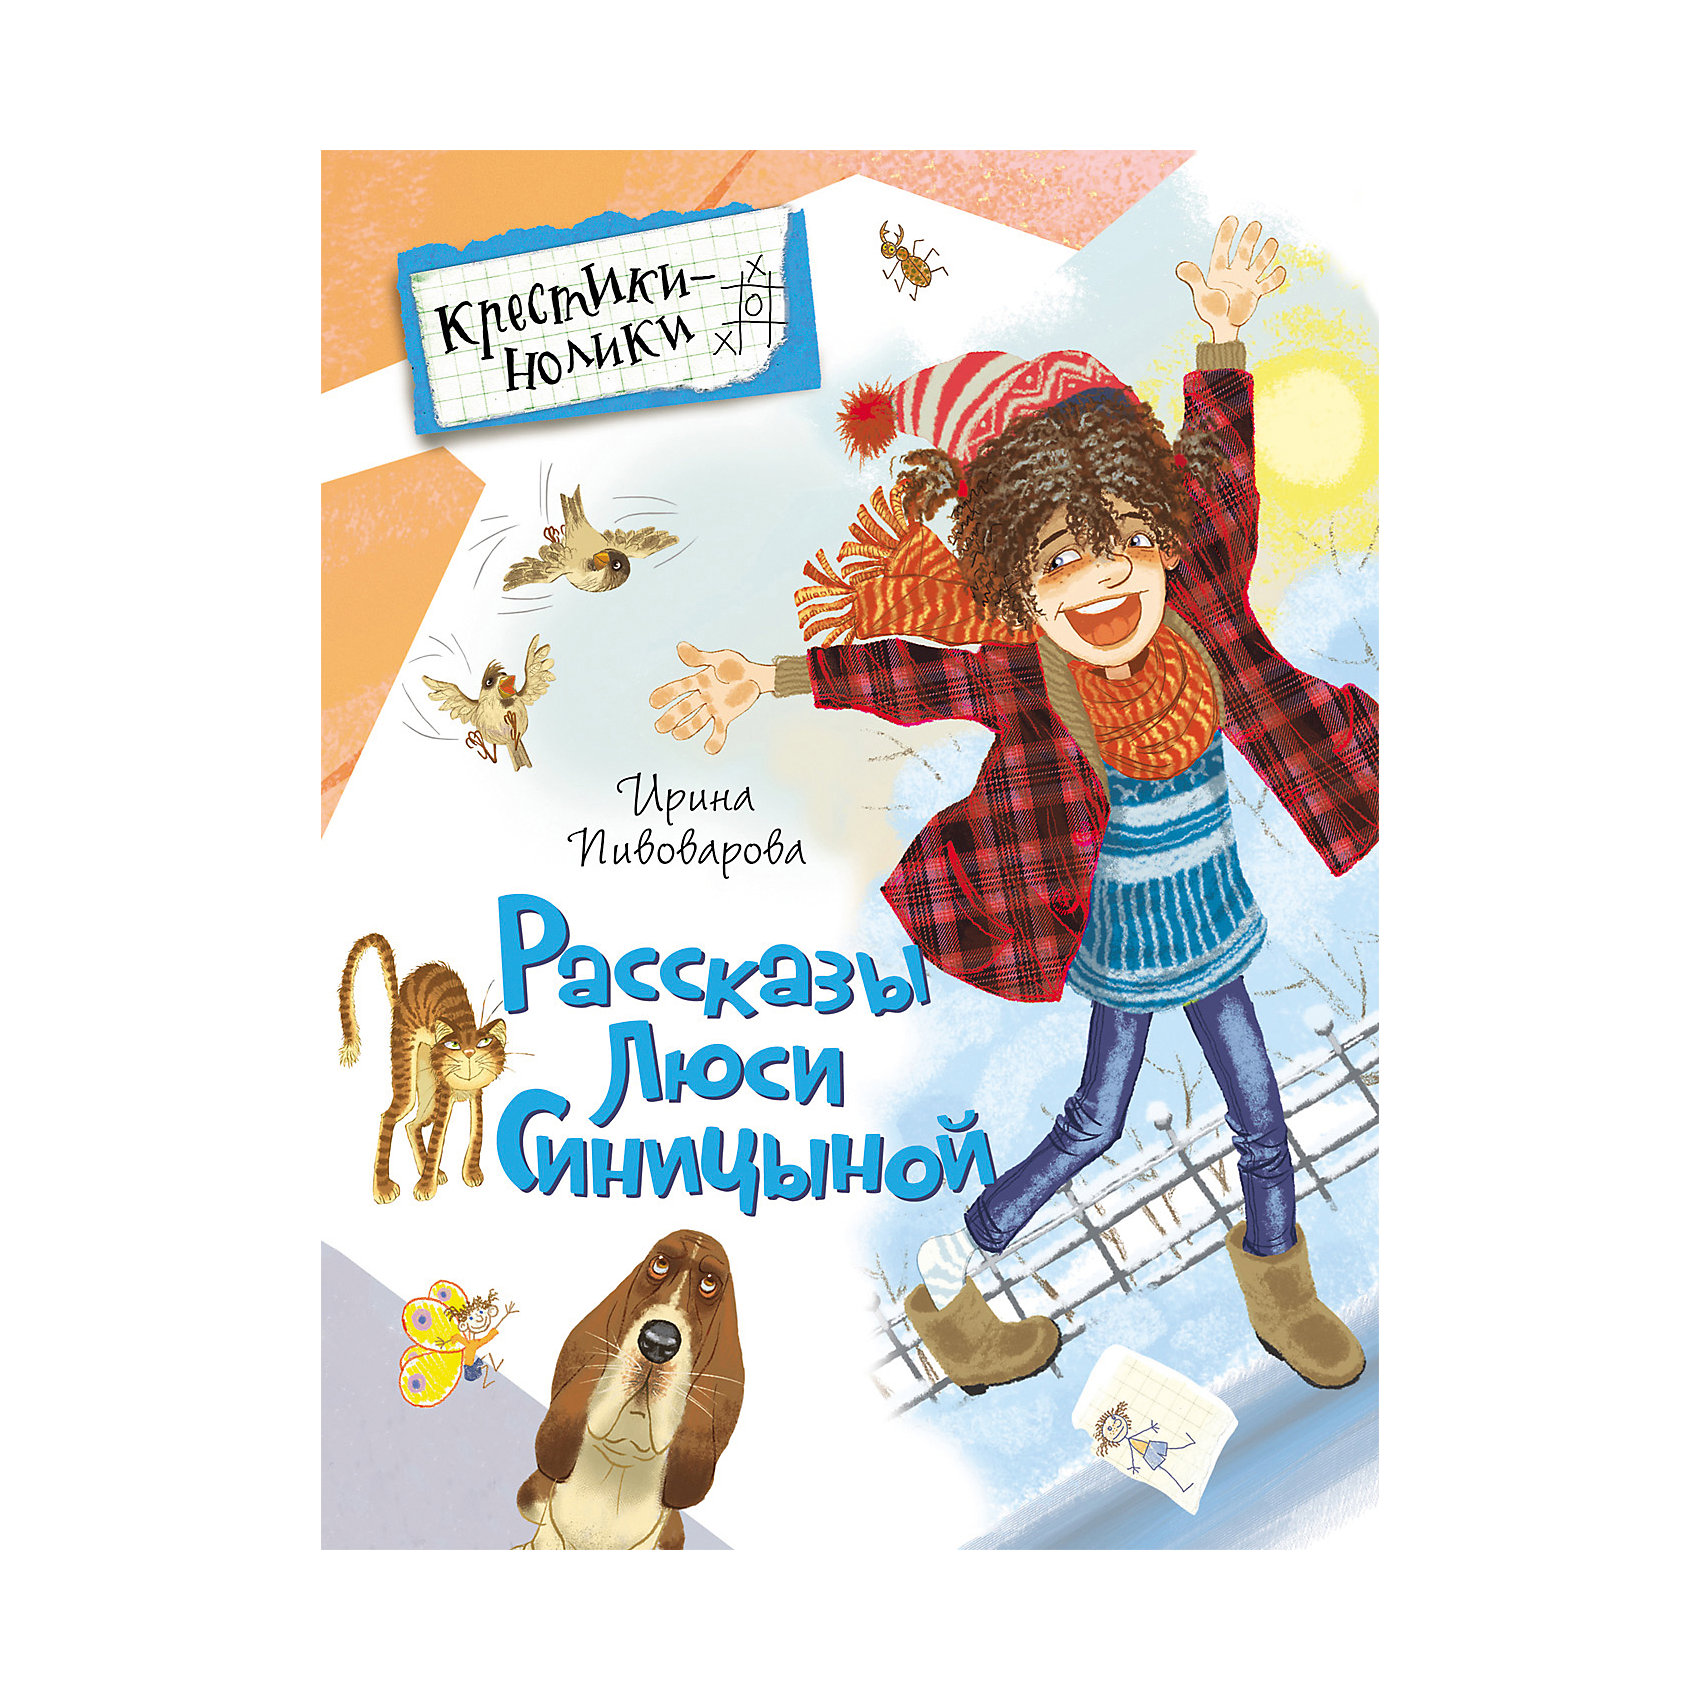 Рассказы Люси Синицыной, И. ПивовароваХарактеристики товара:<br><br>- цвет: разноцветный;<br>- материал: бумага;<br>- страниц: 128;<br>- формат: 22 x 17 см;<br>- обложка: твердая;<br>- иллюстрации.<br><br>Эта интересная книга с иллюстрациями станет отличным подарком для ребенка. Она содержит в себе поучительные и смешные истории, которые позволят детям еще больше полюбить чтение. Талантливый иллюстратор дополнил книгу качественными рисунками, которые помогают ребенку проникнуться особым духом историй.<br>Чтение - отличный способ активизации мышления, оно помогает ребенку развивать зрительную память, концентрацию внимания и воображение. Издание произведено из качественных материалов, которые безопасны даже для самых маленьких.<br><br>Издание Рассказы Люси Синицыной, И. Пивоварова от компании Росмэн можно купить в нашем интернет-магазине.<br><br>Ширина мм: 220<br>Глубина мм: 168<br>Высота мм: 10<br>Вес г: 310<br>Возраст от месяцев: 84<br>Возраст до месяцев: 108<br>Пол: Унисекс<br>Возраст: Детский<br>SKU: 5109900